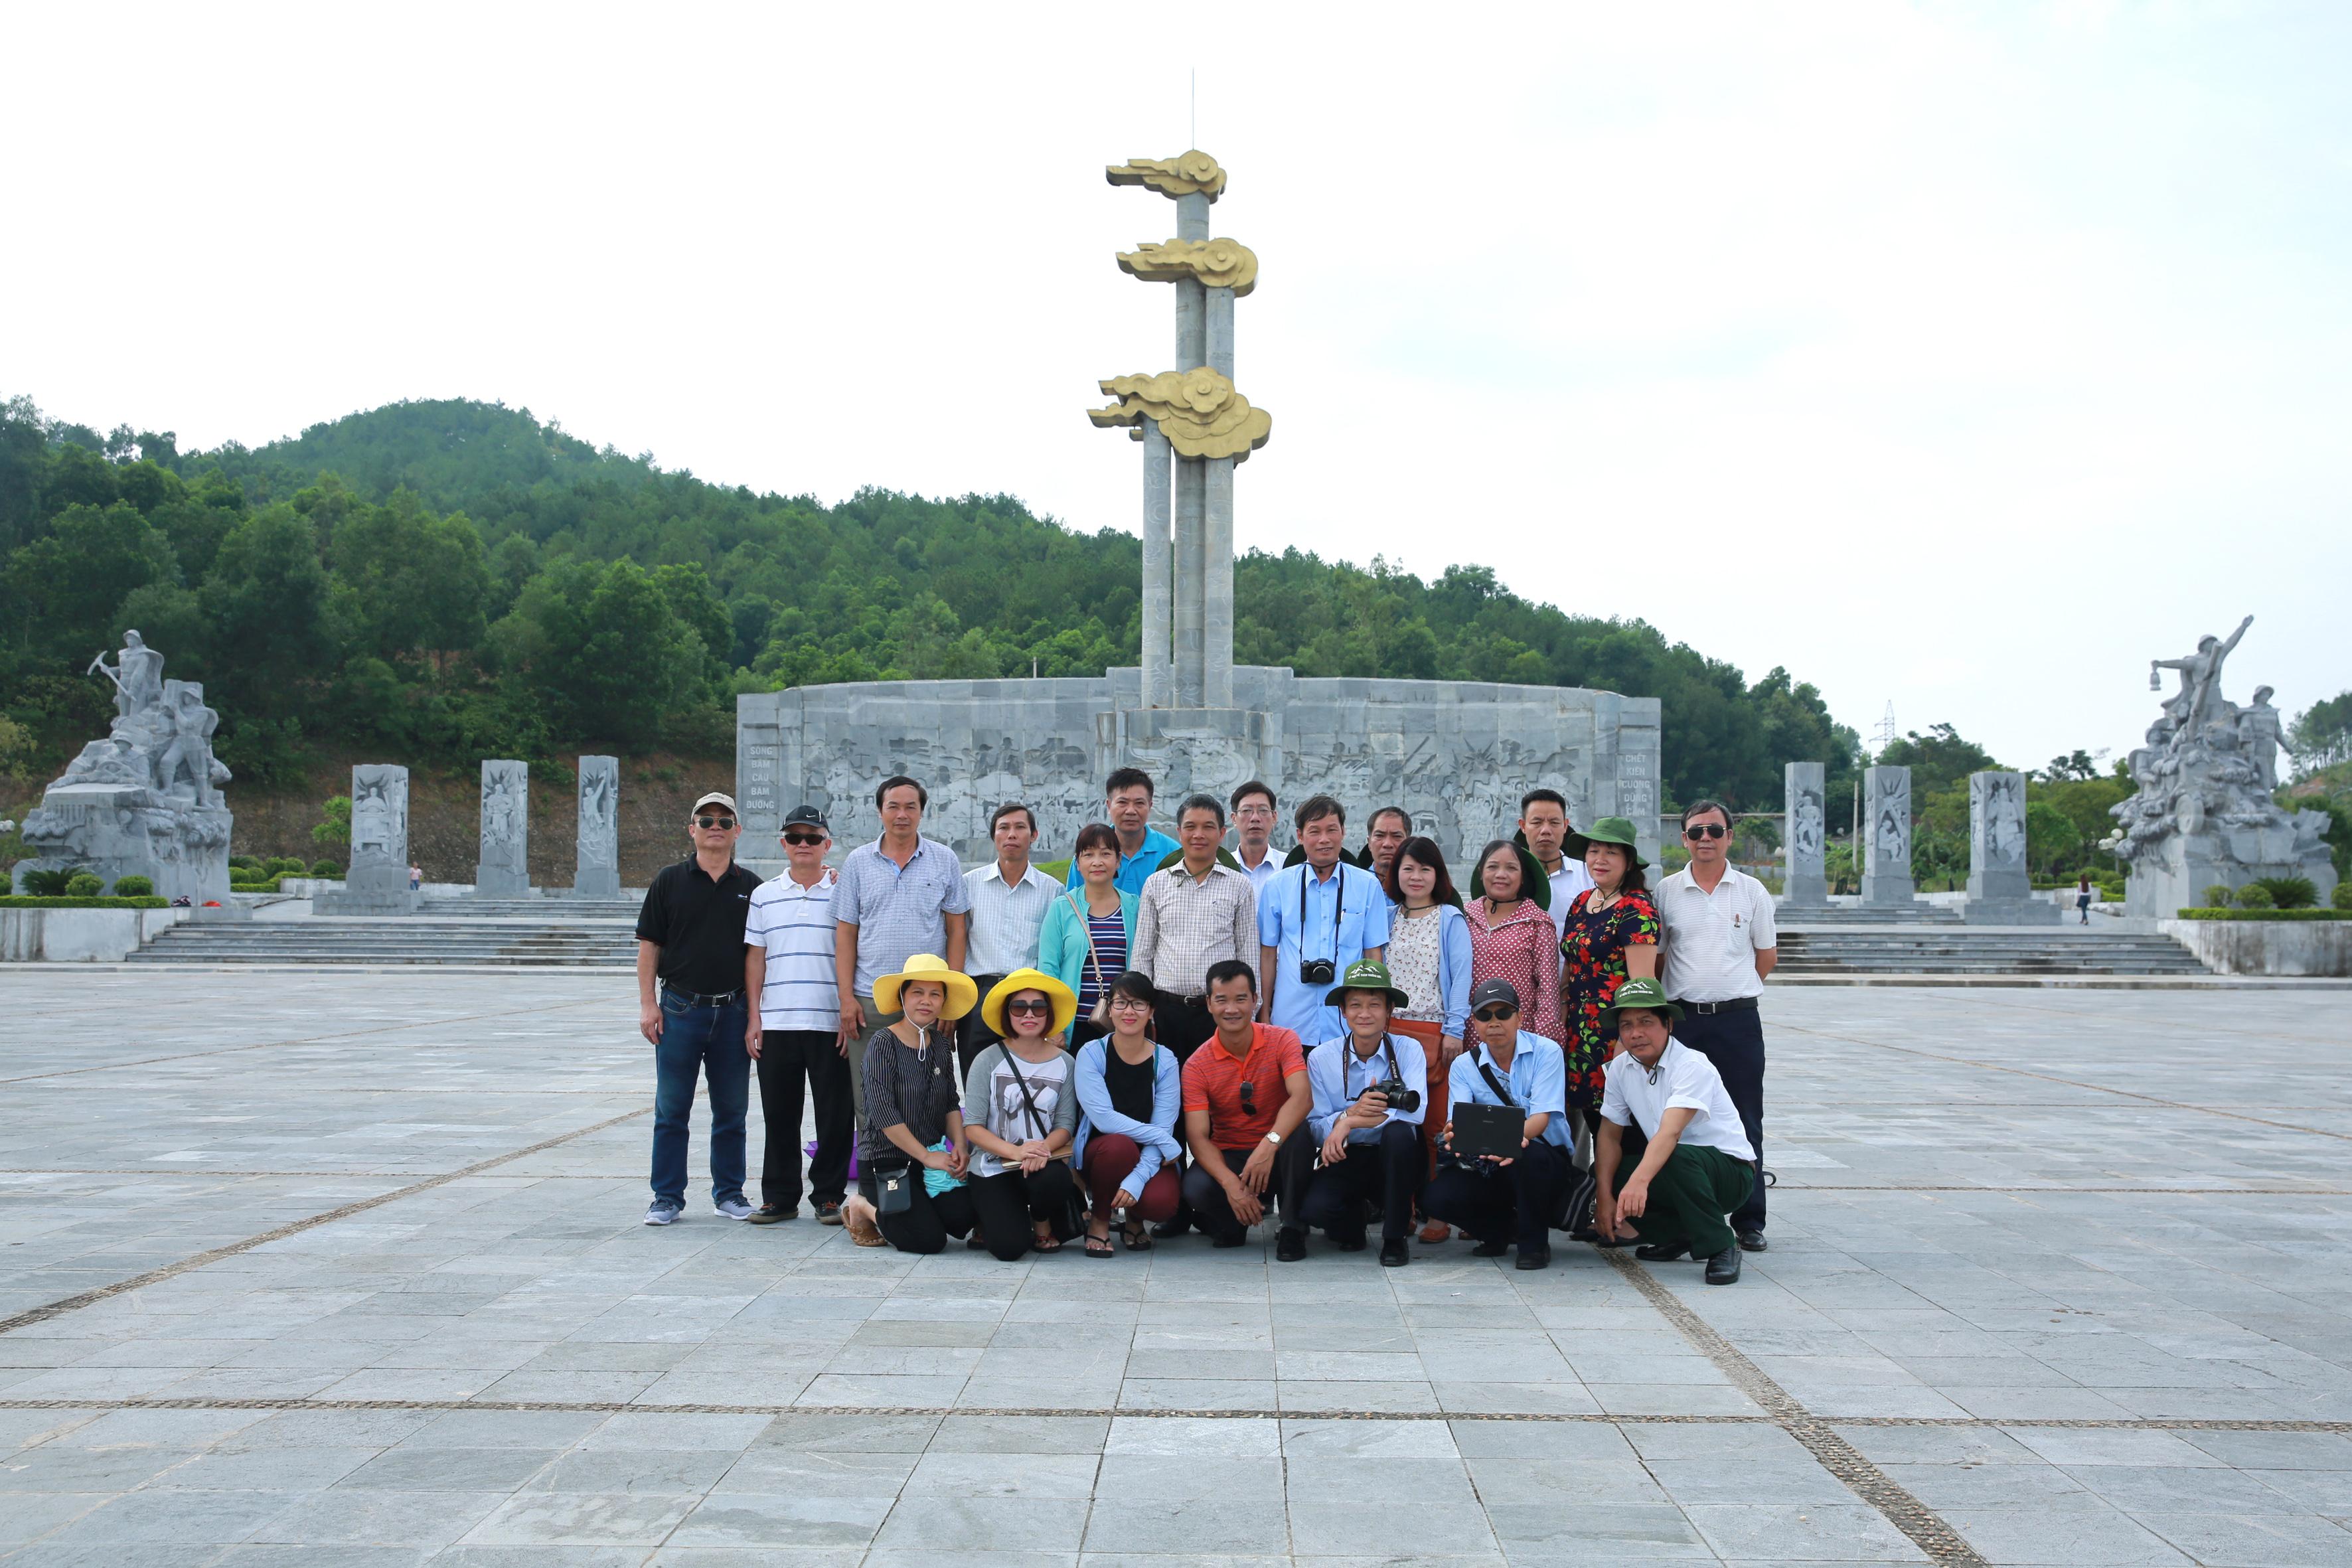 Truông Bồn- Biểu tượng lịch sử của thanh niên xung phong Việt Nam